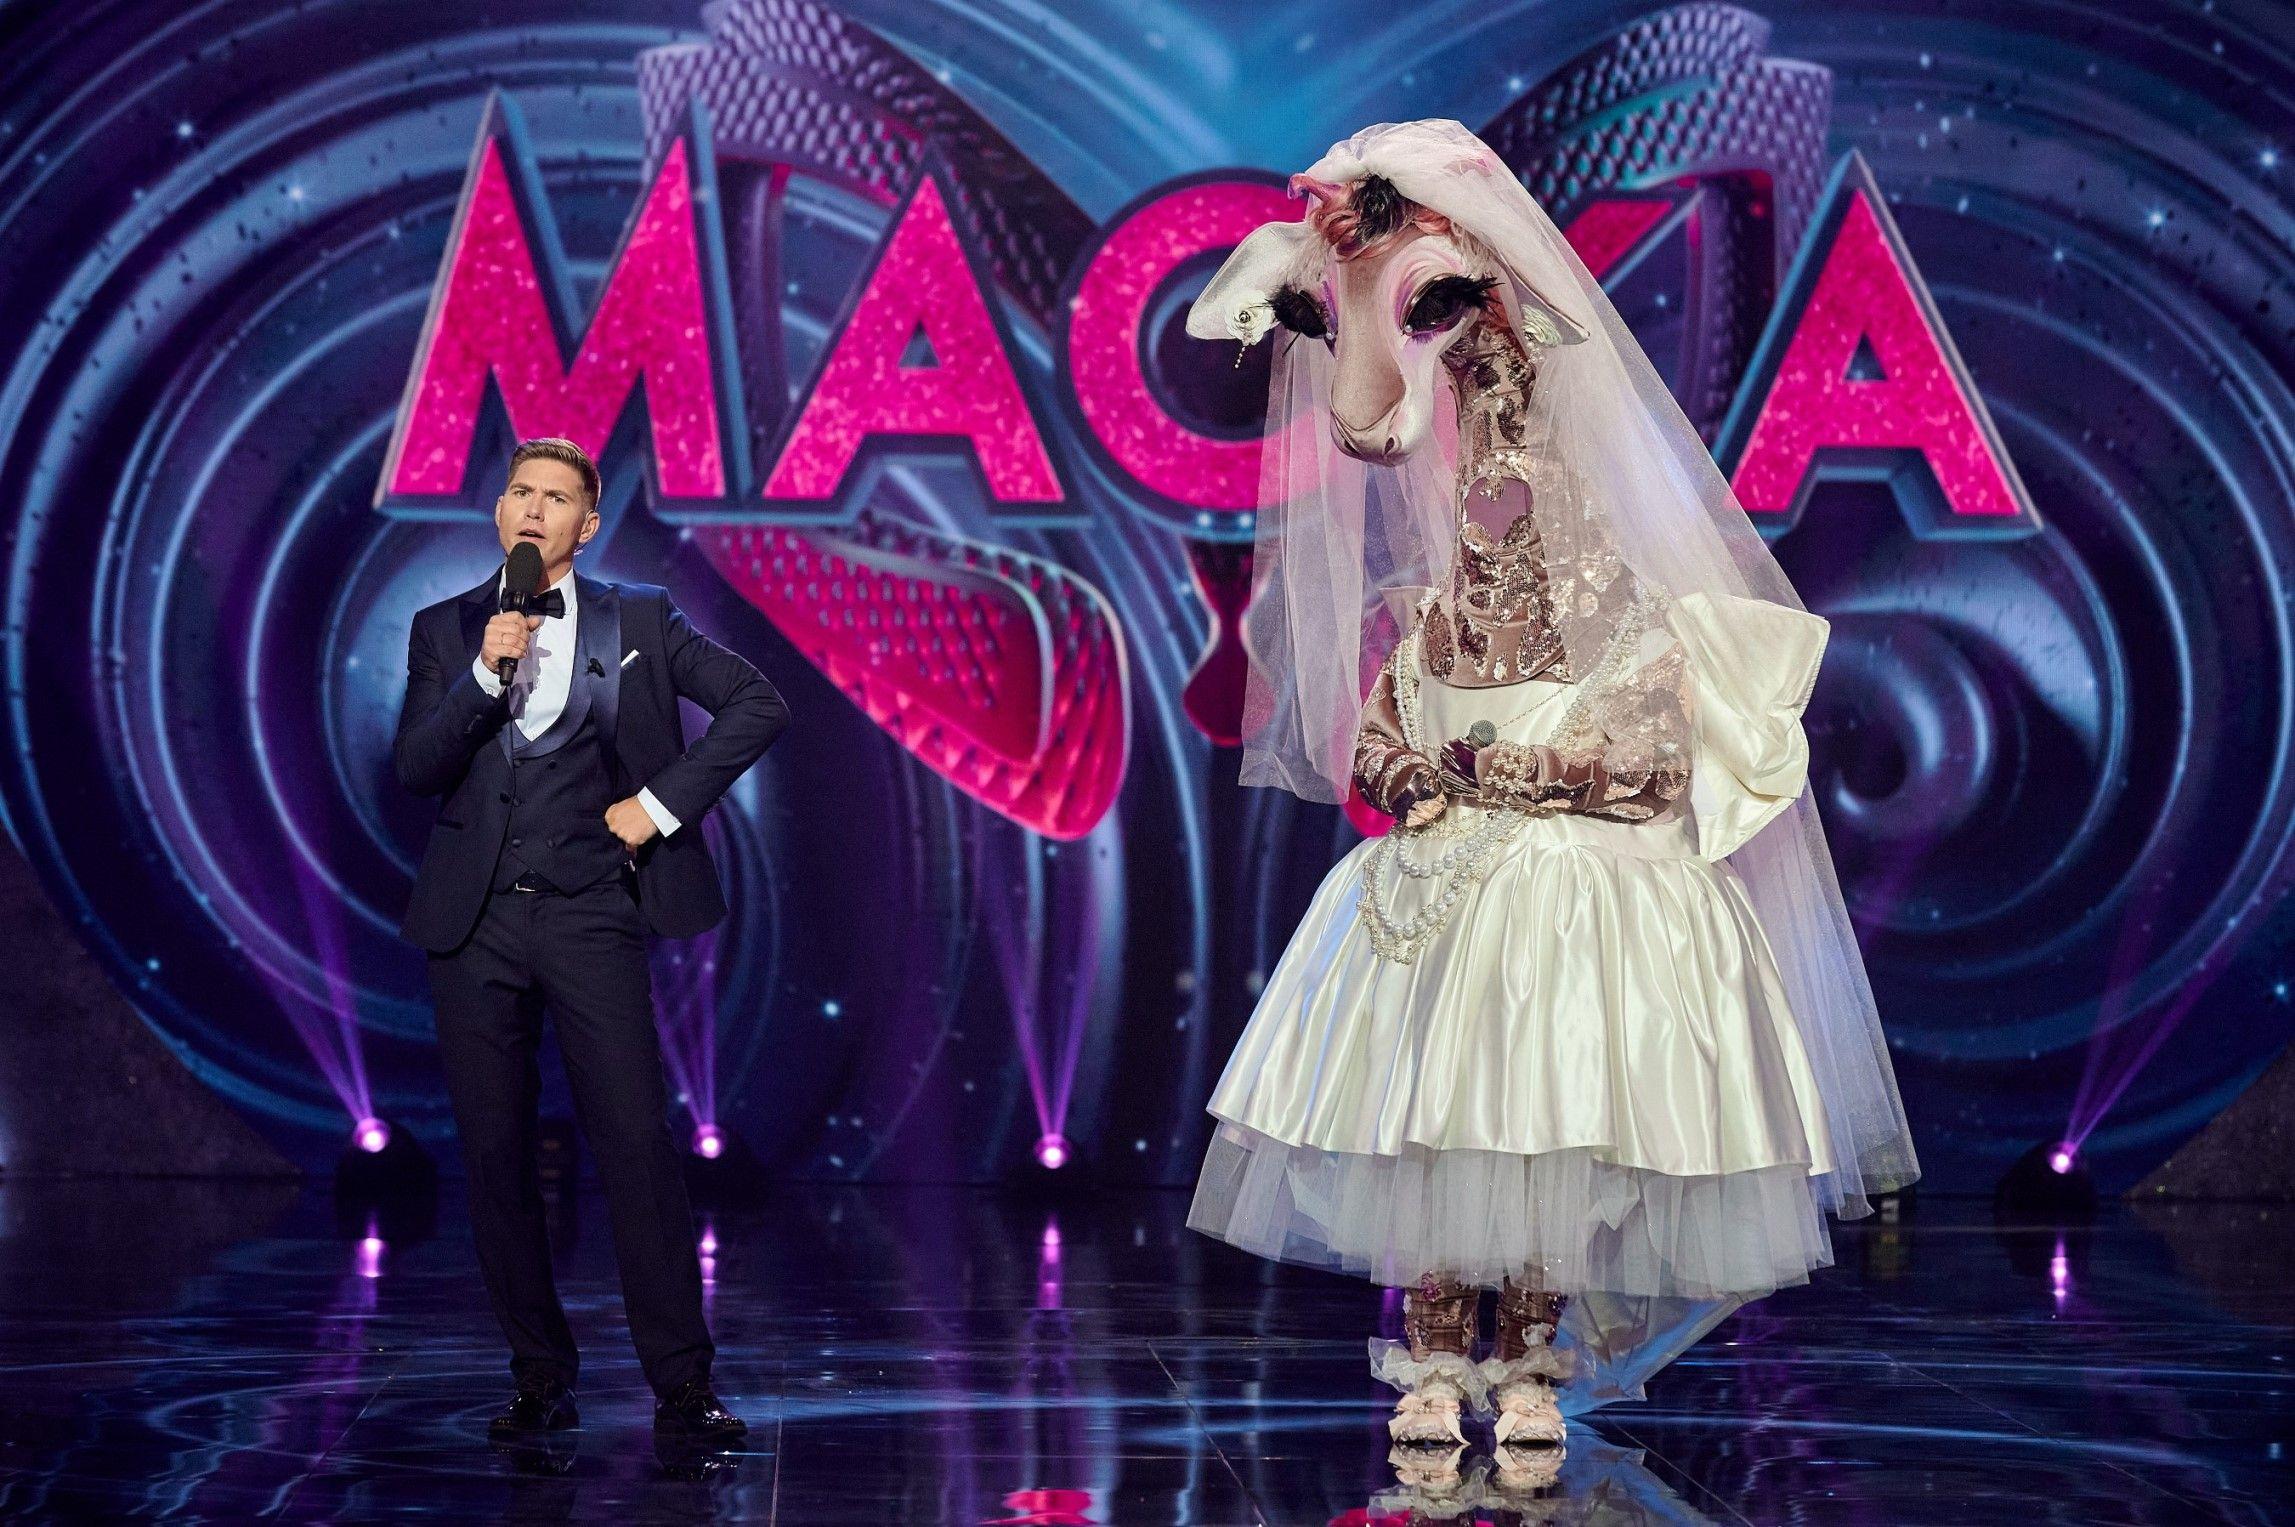 Прем'єра другого сезону шоу «Маска» на каналі «Україна» відбудеться у жовтні